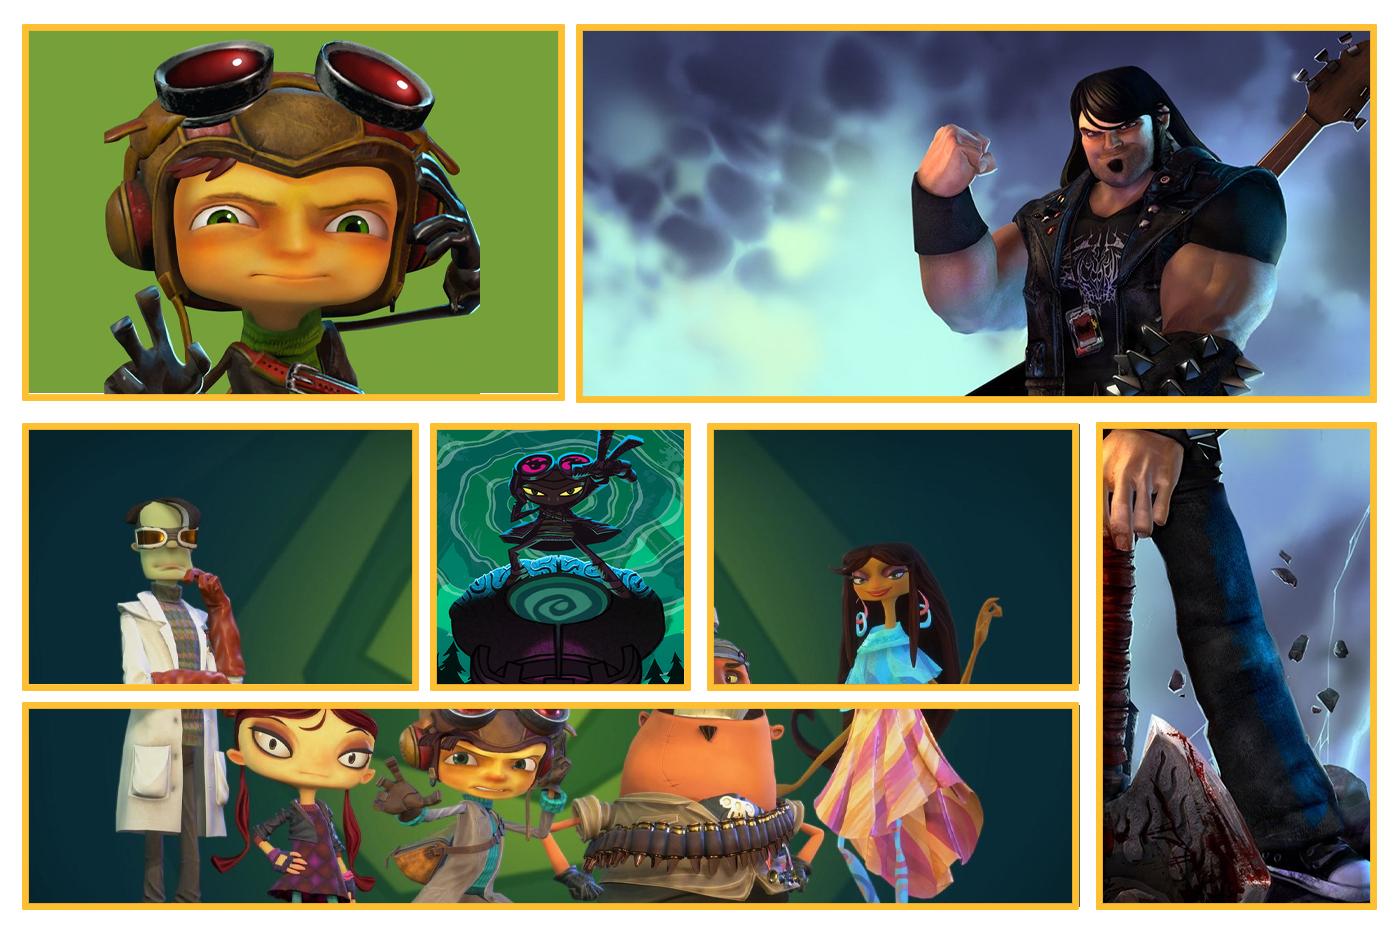 Jeux Double Fine Productions